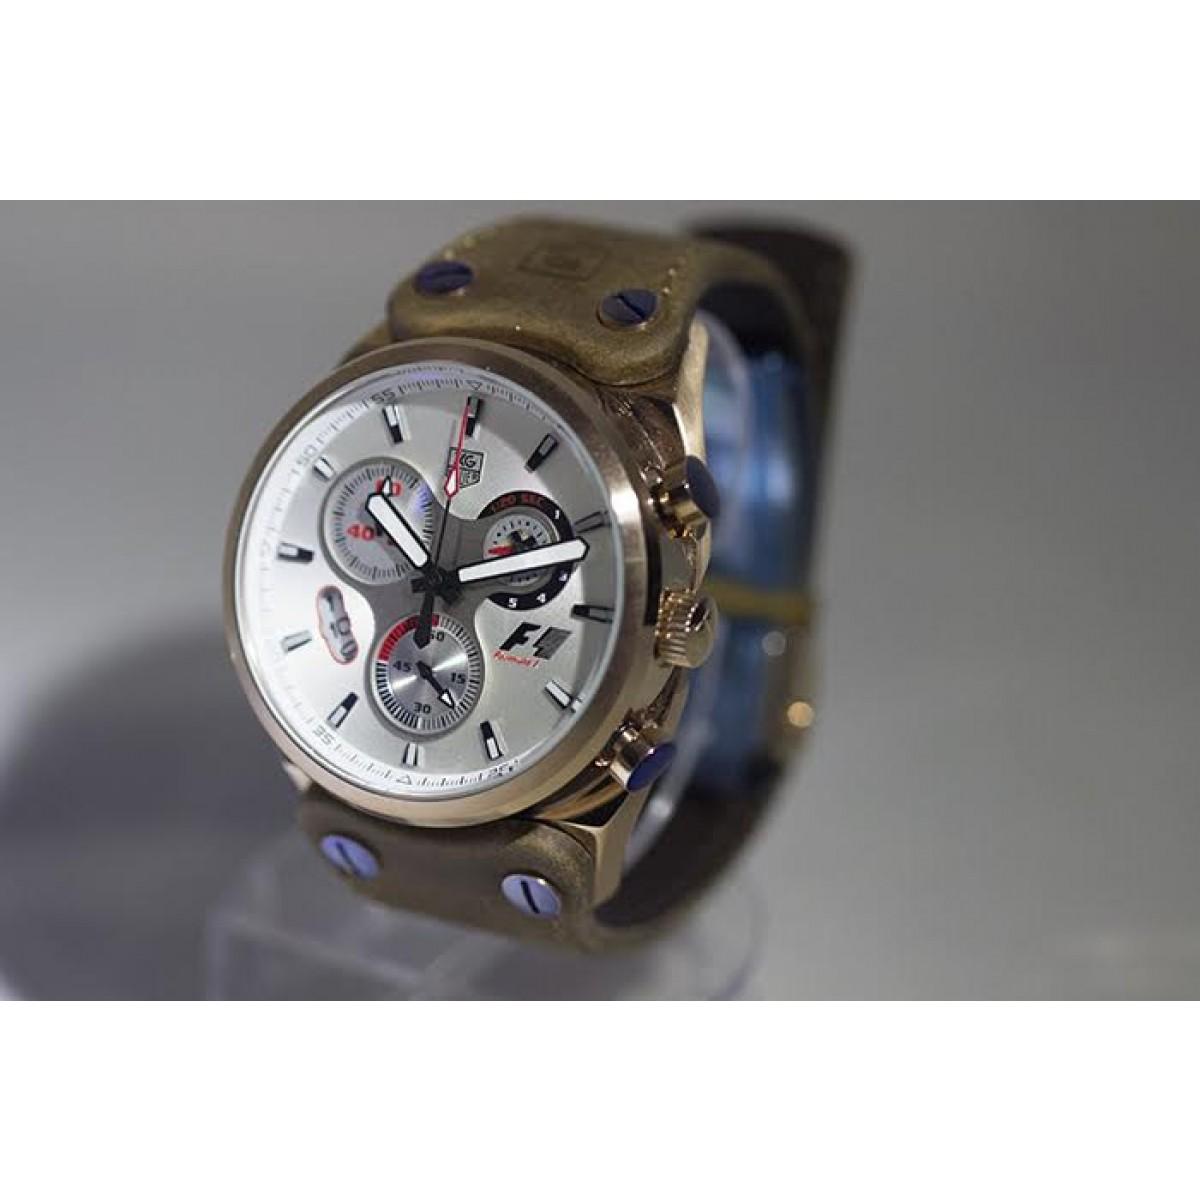 432a6949680 Relógio Réplica Tag Heuer Formula 1 Branco